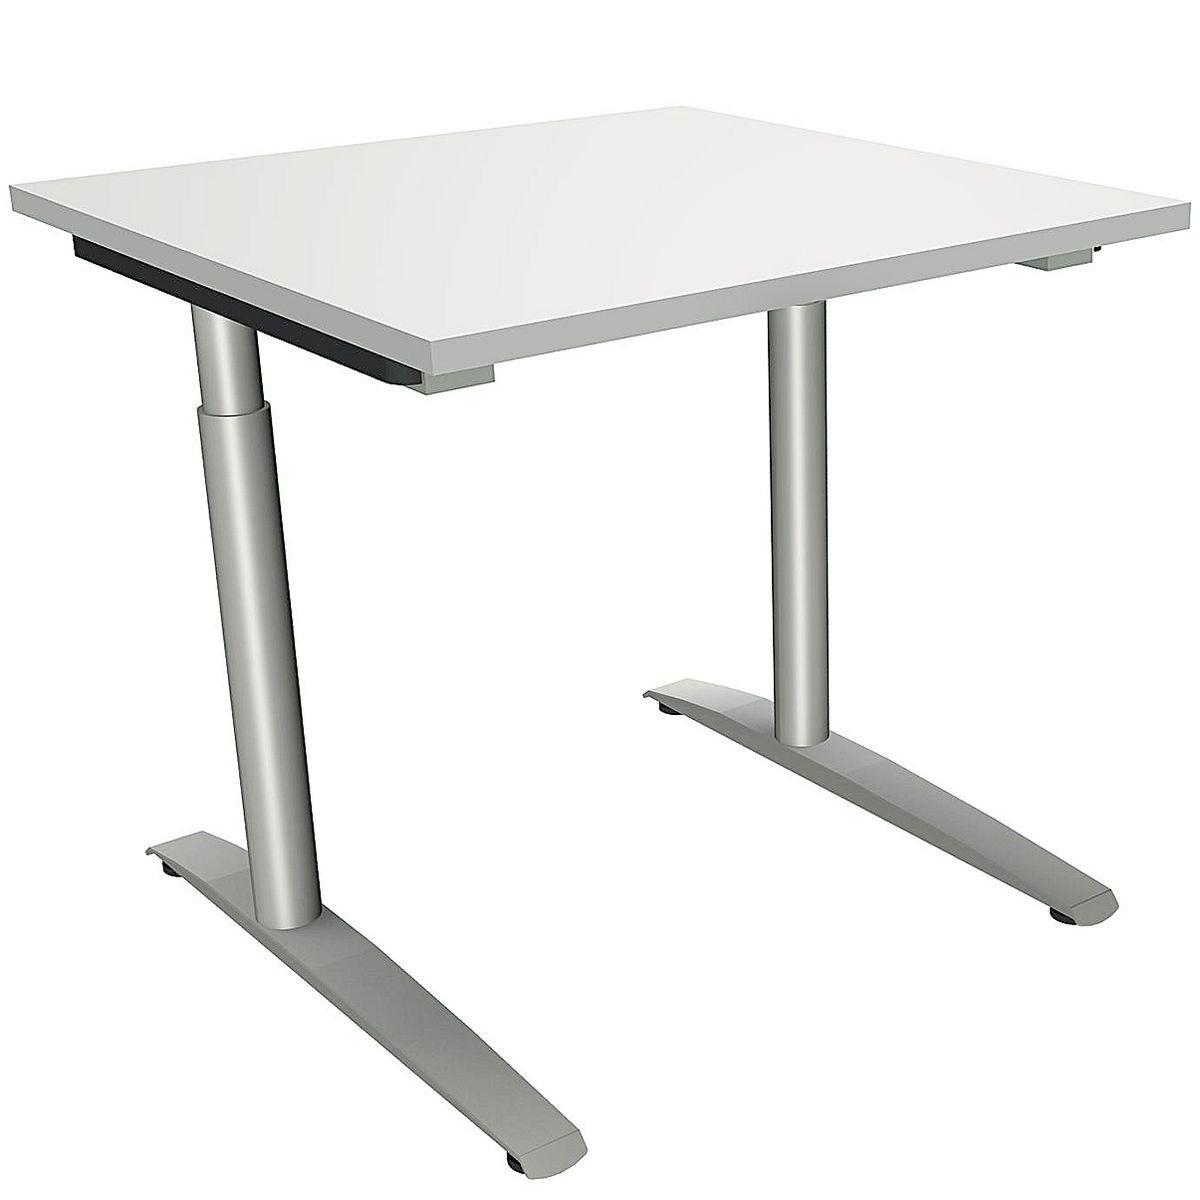 Schreibtisch 80 cm preisvergleich die besten angebote for Schreibtisch 80 cm lang